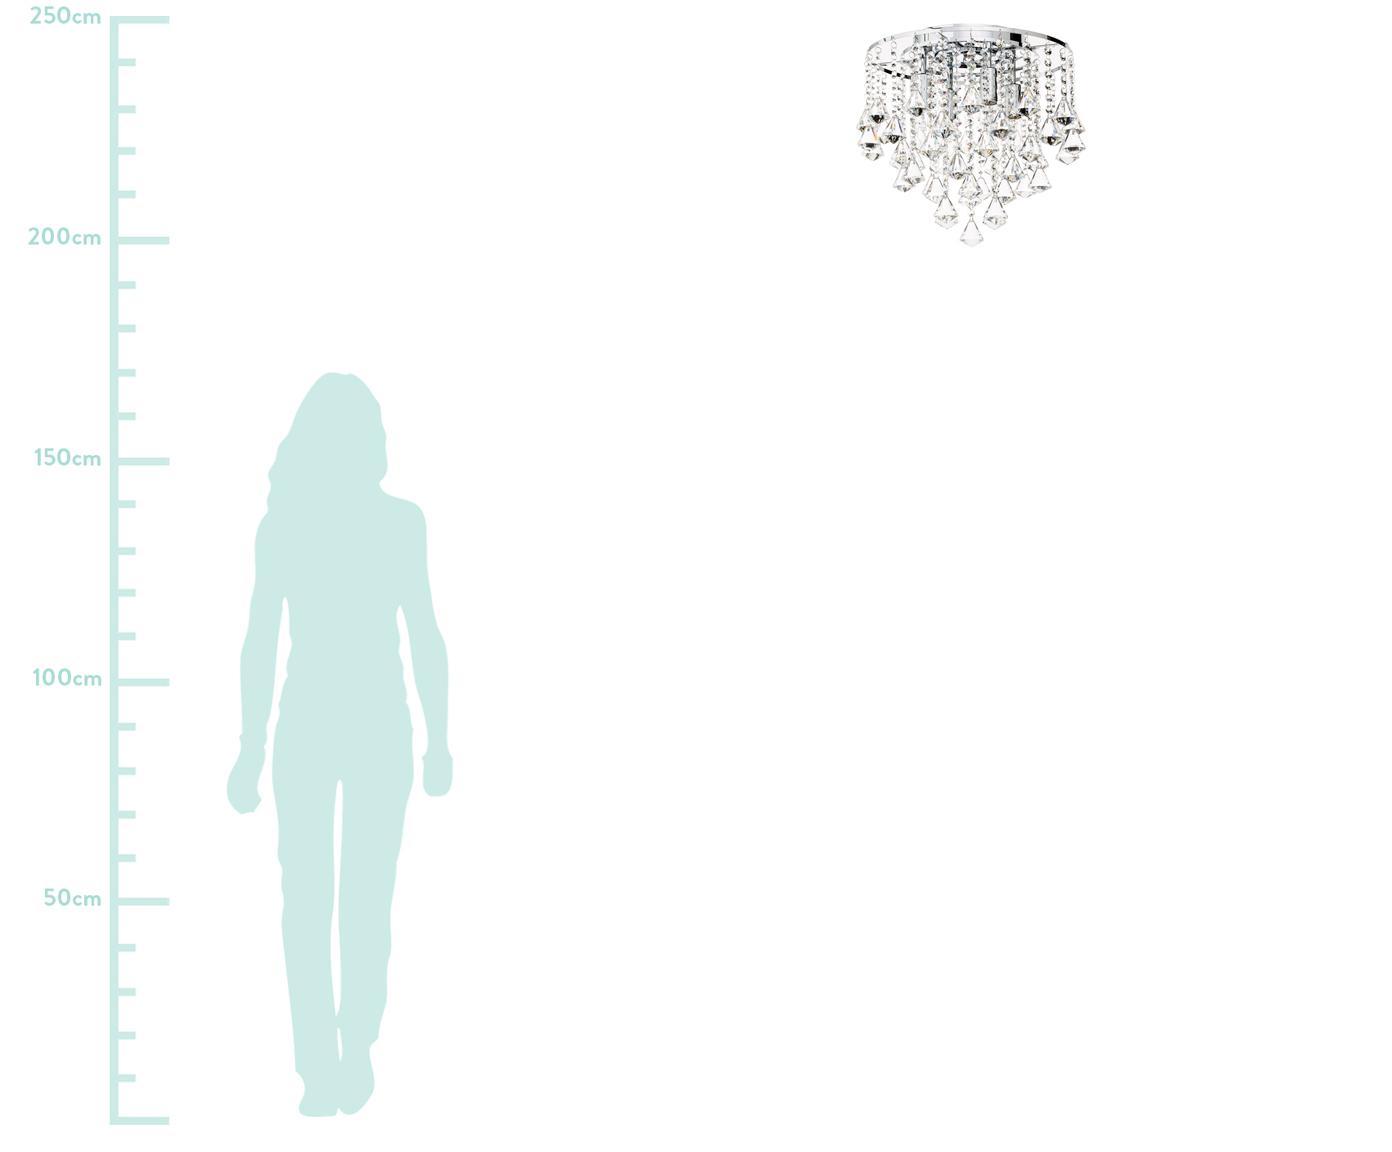 Plafonnier avec cristaux de verre Dorchester, Transparent, chrome